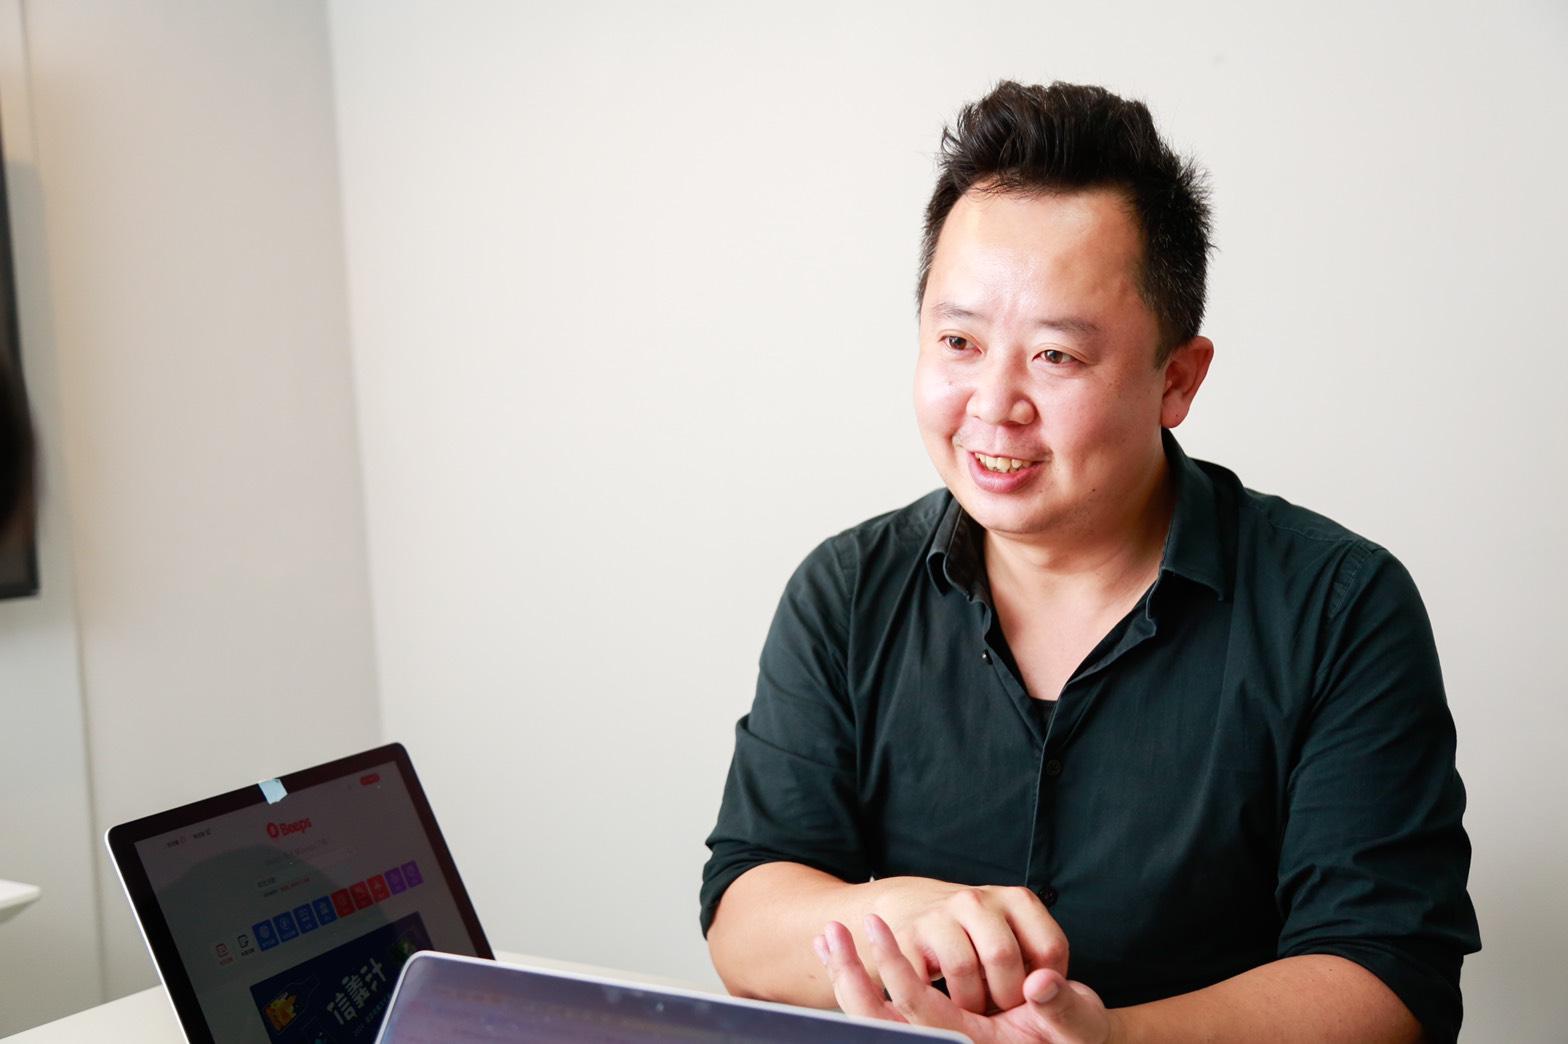 威珼數位科技有限公司 / 威珼科技 台灣會展產業的最佳合作夥伴圖片